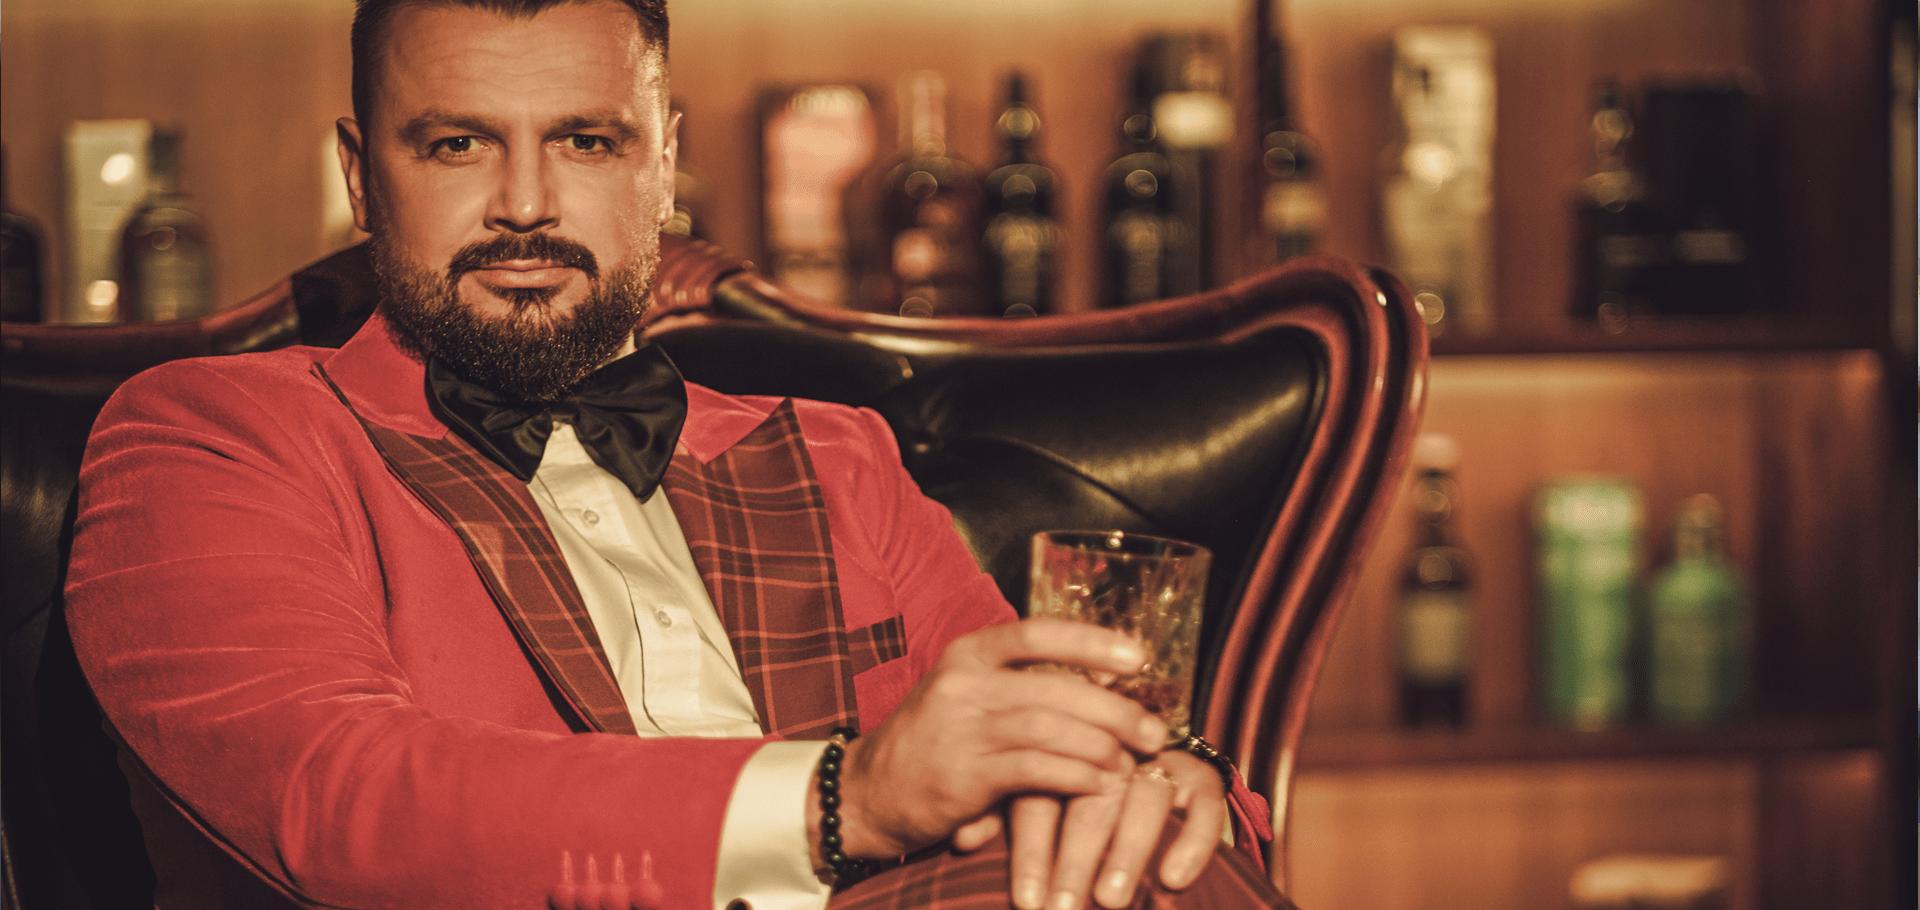 Whisky Szczecin - sklep z whisky Szczecin